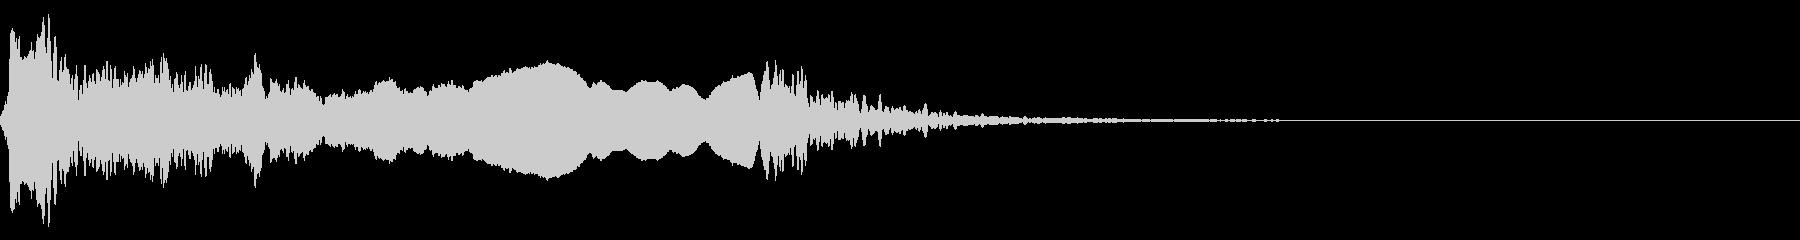 和風な歌舞伎の笛(能管)効果音です♪03の未再生の波形